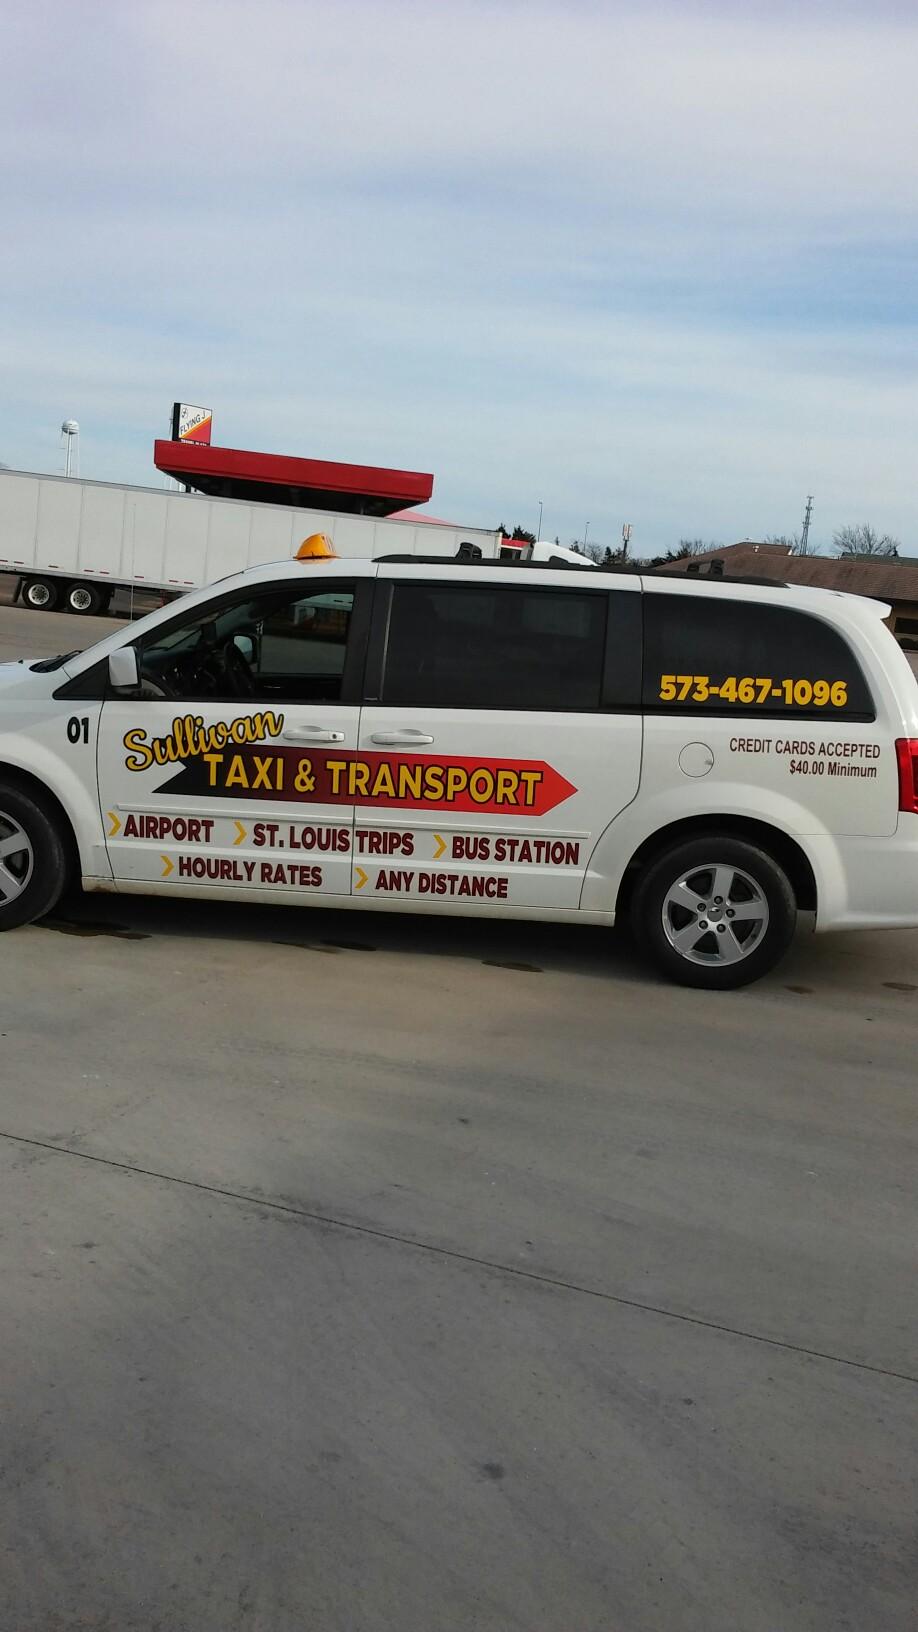 St Louis Taxi >> Sullivan Taxi And Transport Llc Sullivan Mo 63080 Yp Com